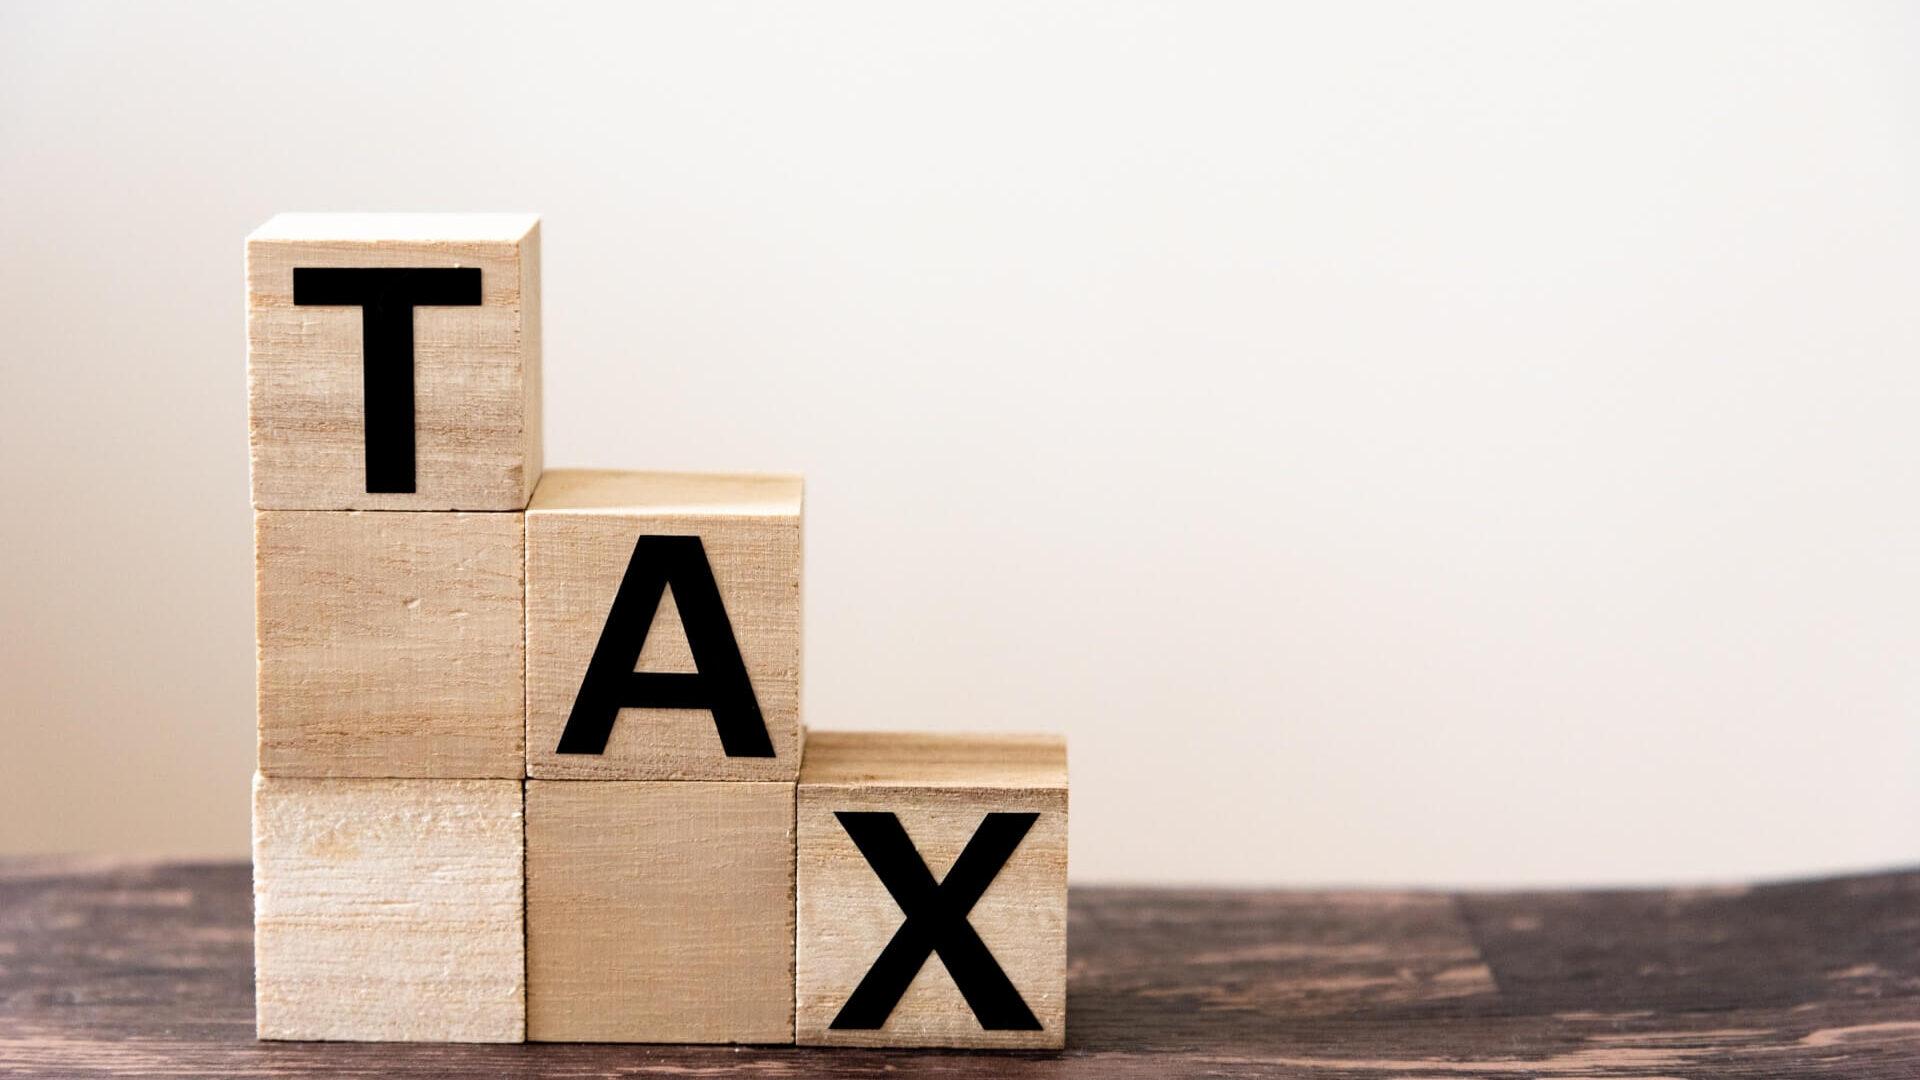 段階的に下がる税金を表現した積み木